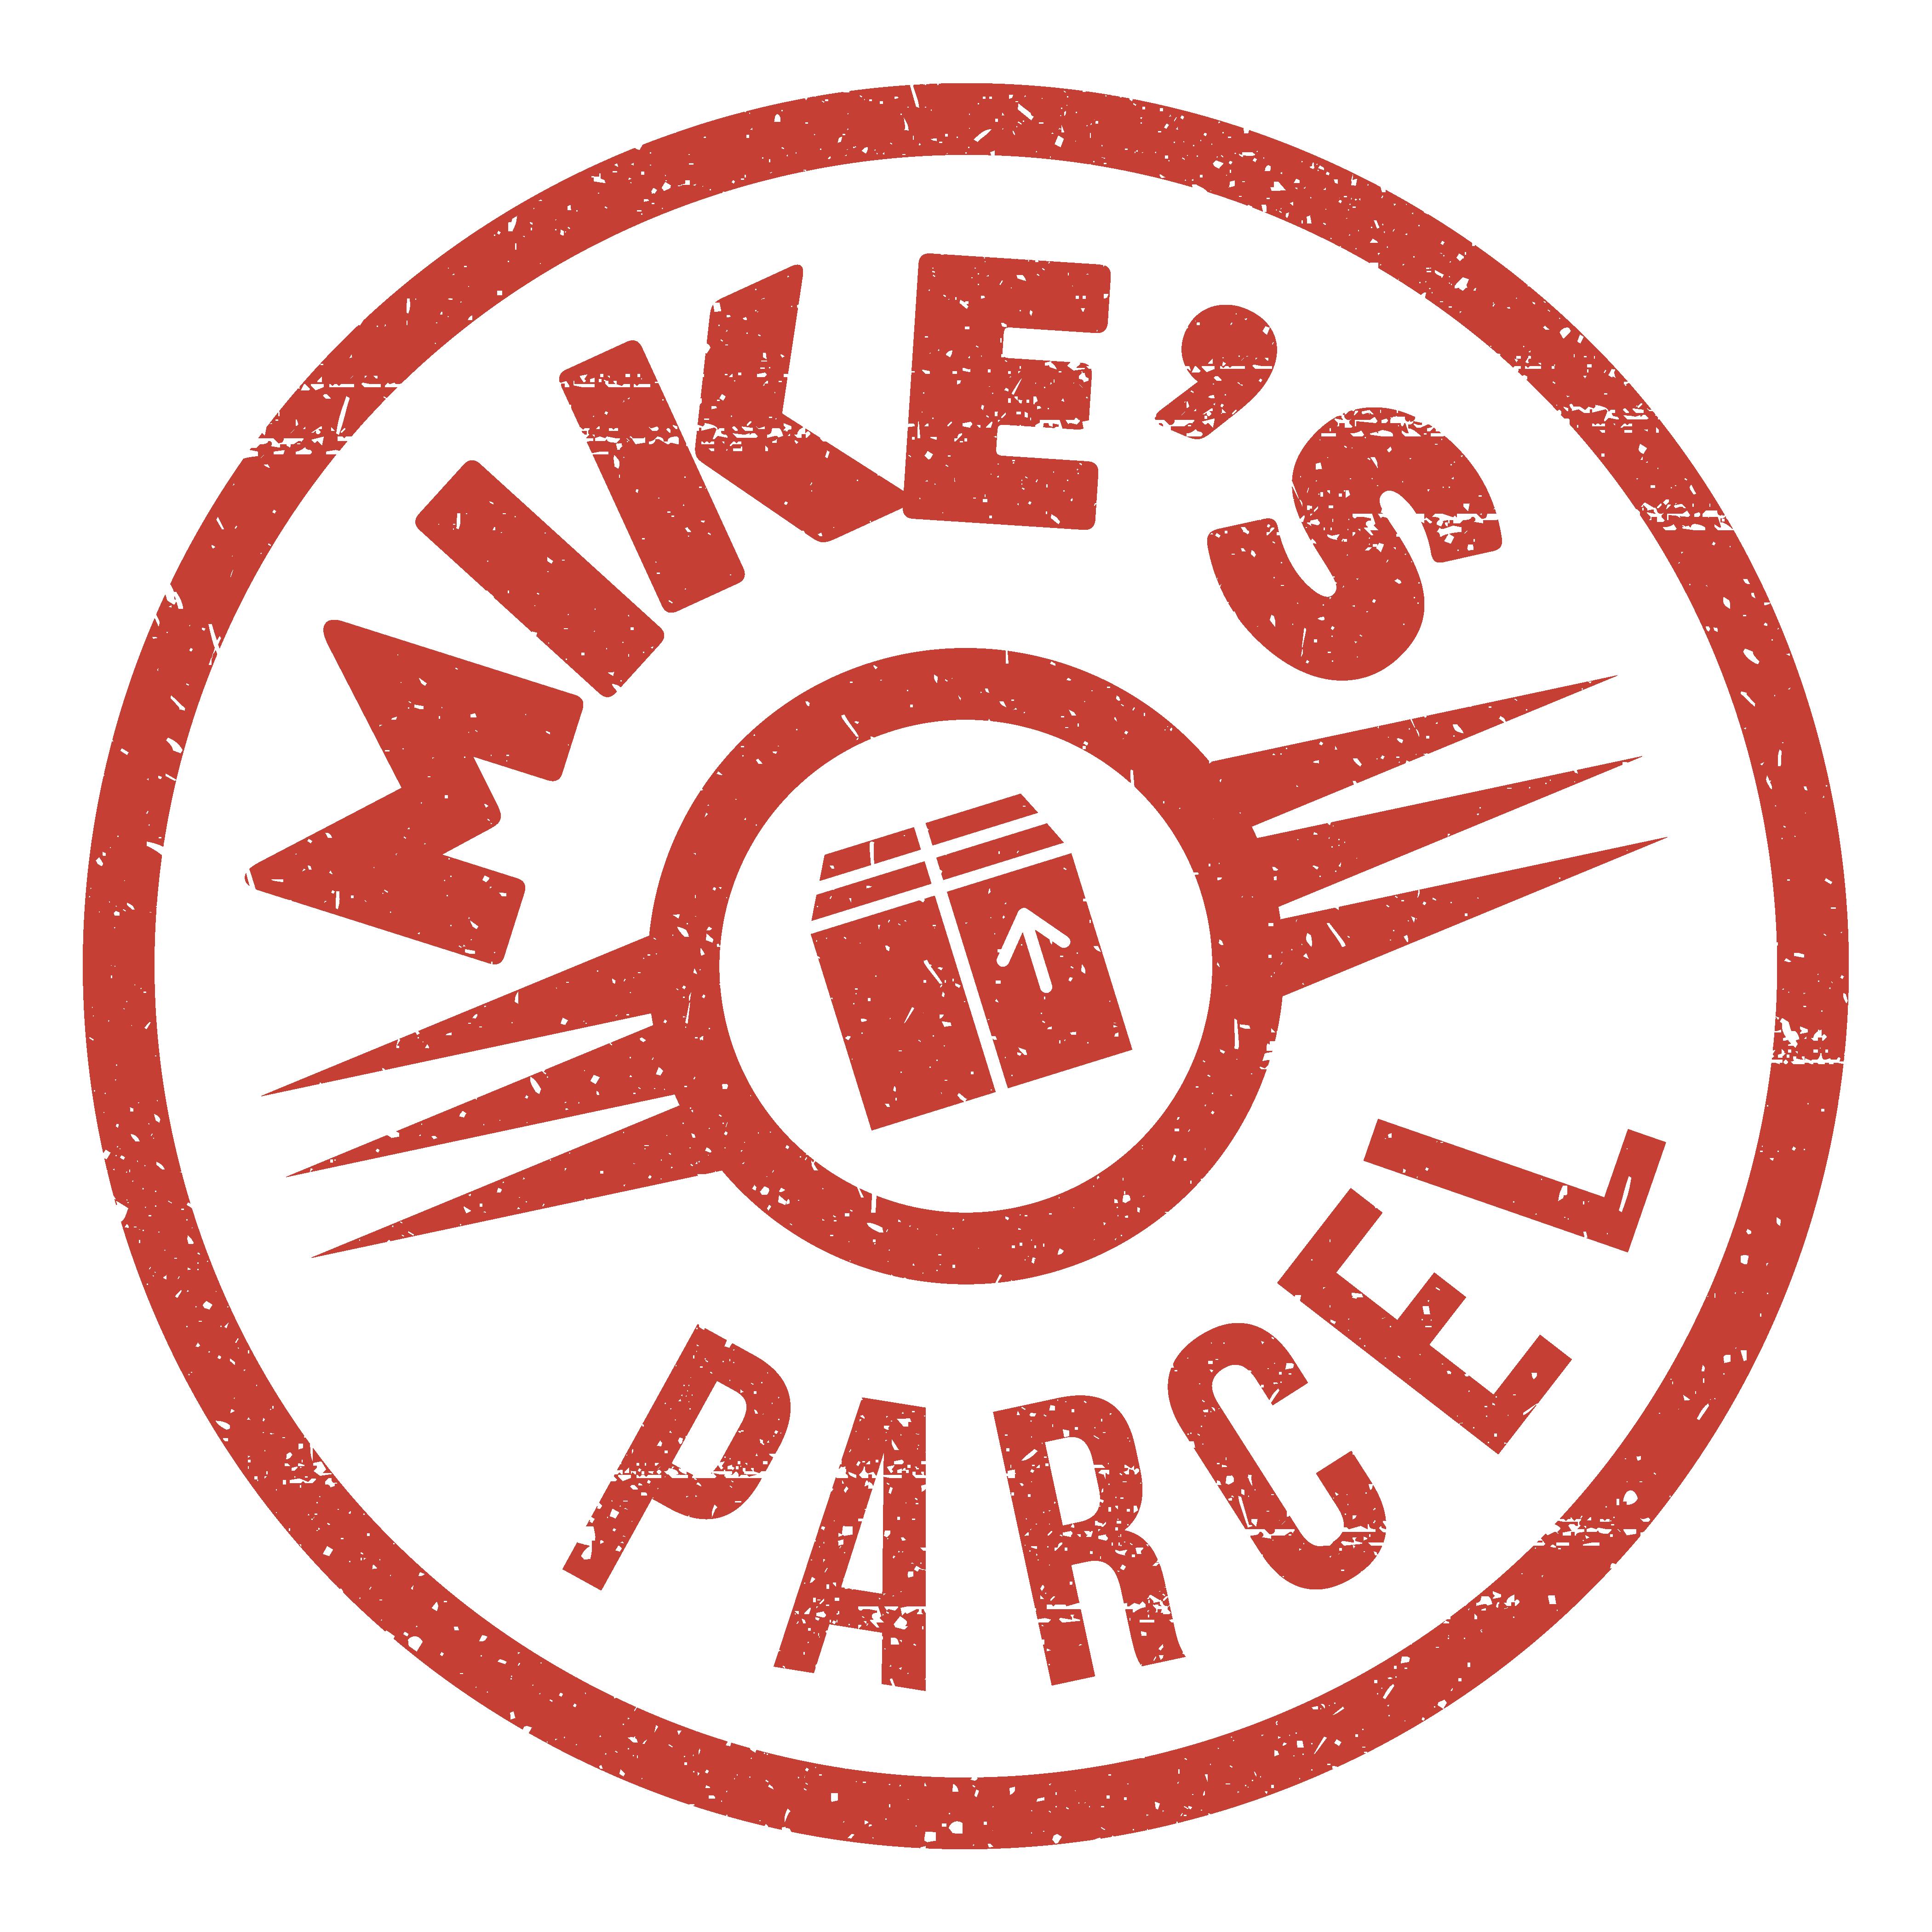 Mike's Parcel